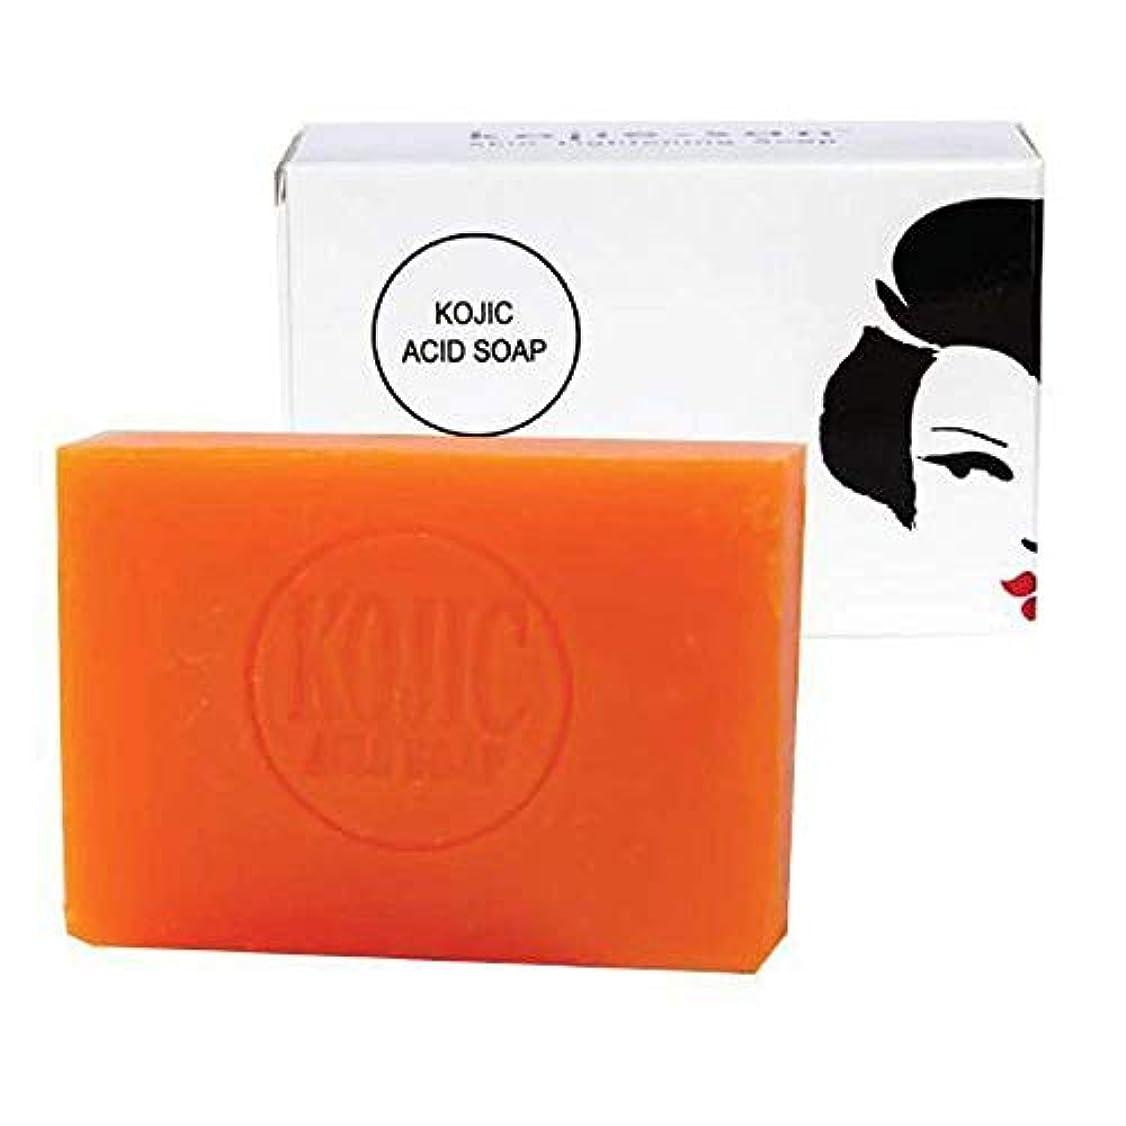 脆い輪郭ドリルKojie San Skin Lightening Kojic Acid Soap 2 Bars - 65G Fades Age Spots, Freckles, And Other Signs Of Sun Damage...